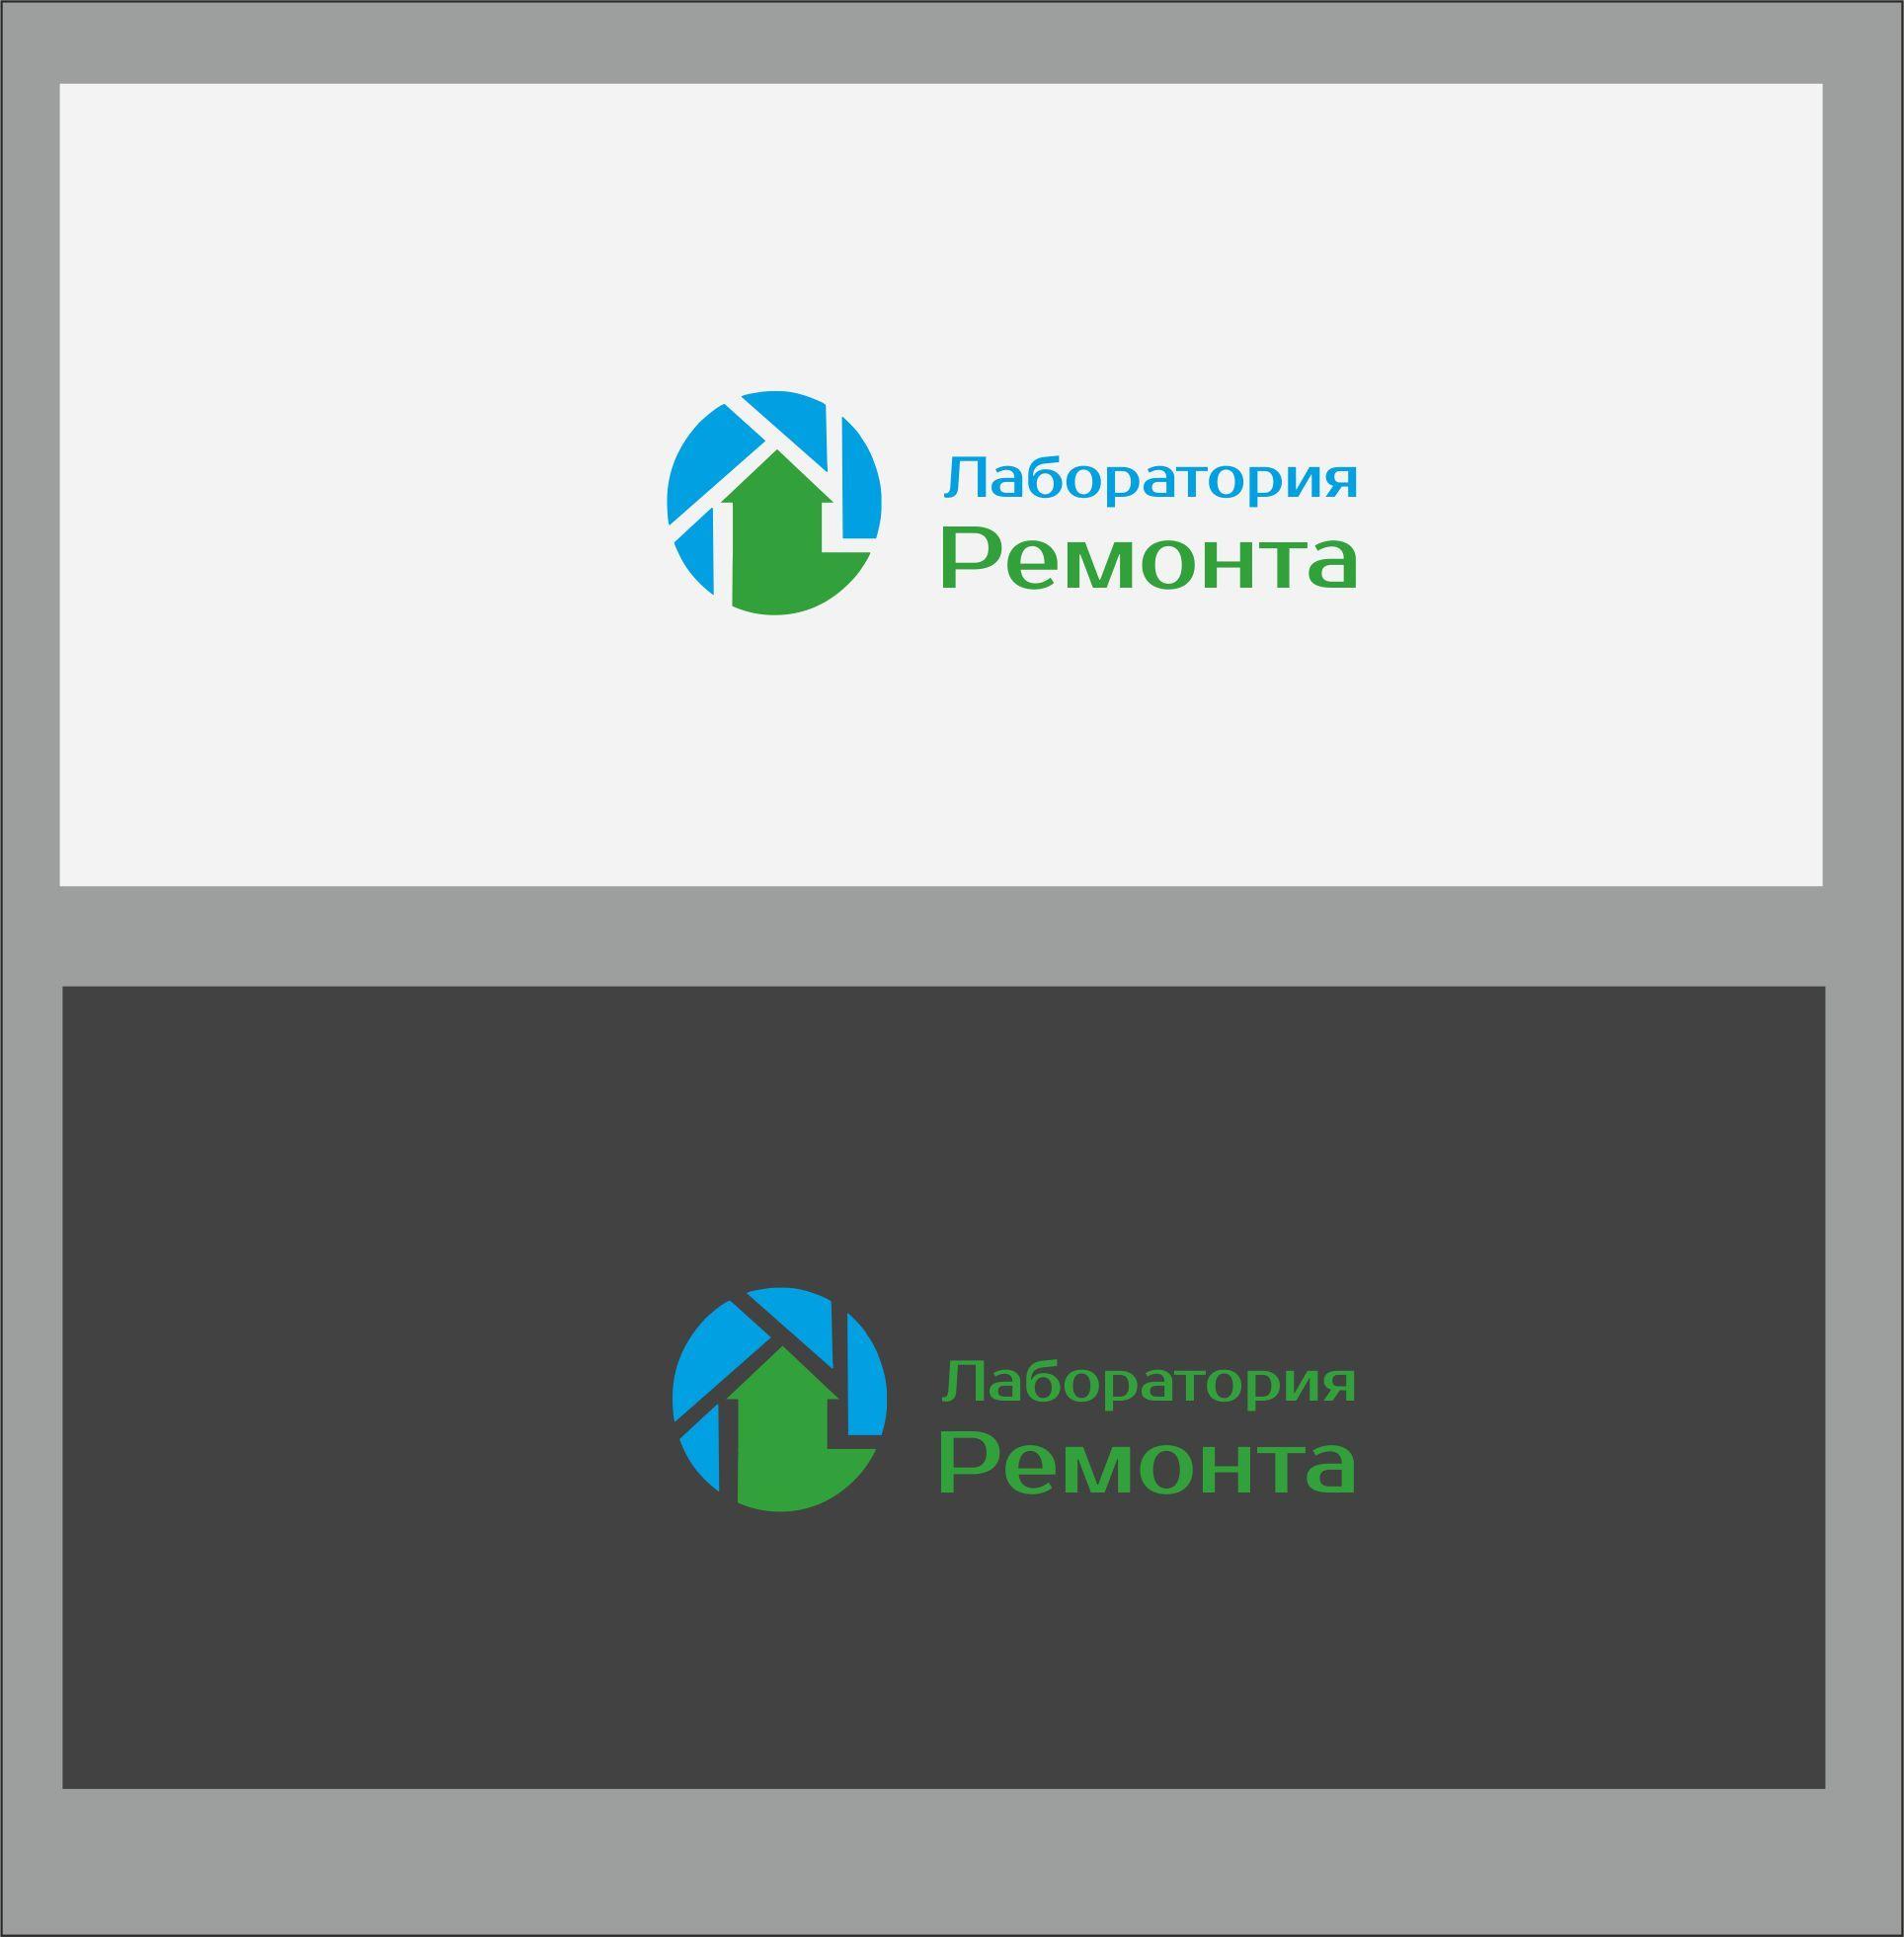 Разработка логотипа компании по ремонту и дизайну - дизайнер dbyjuhfl